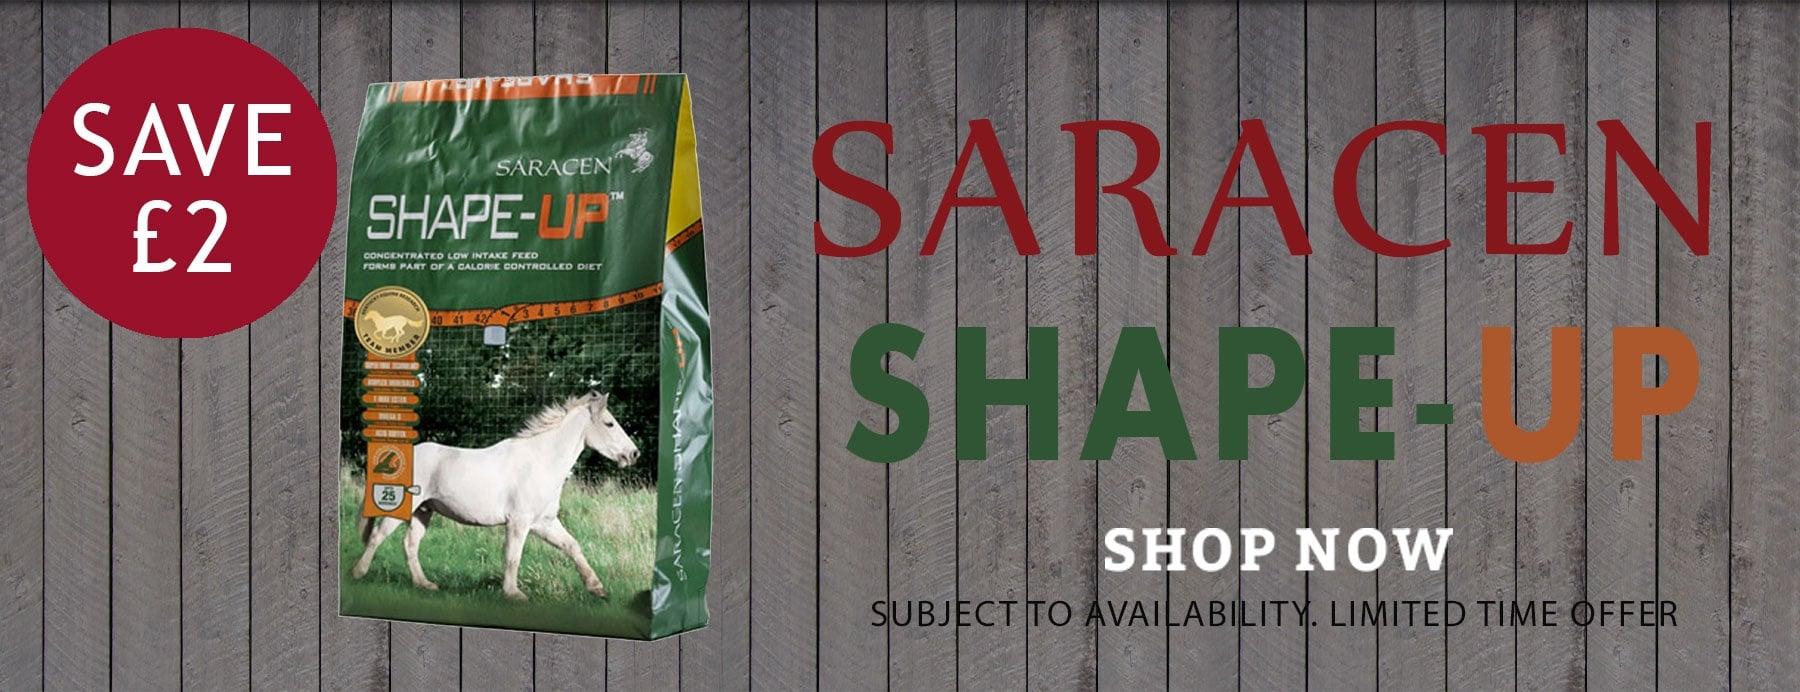 Saracen Shape Up Offer